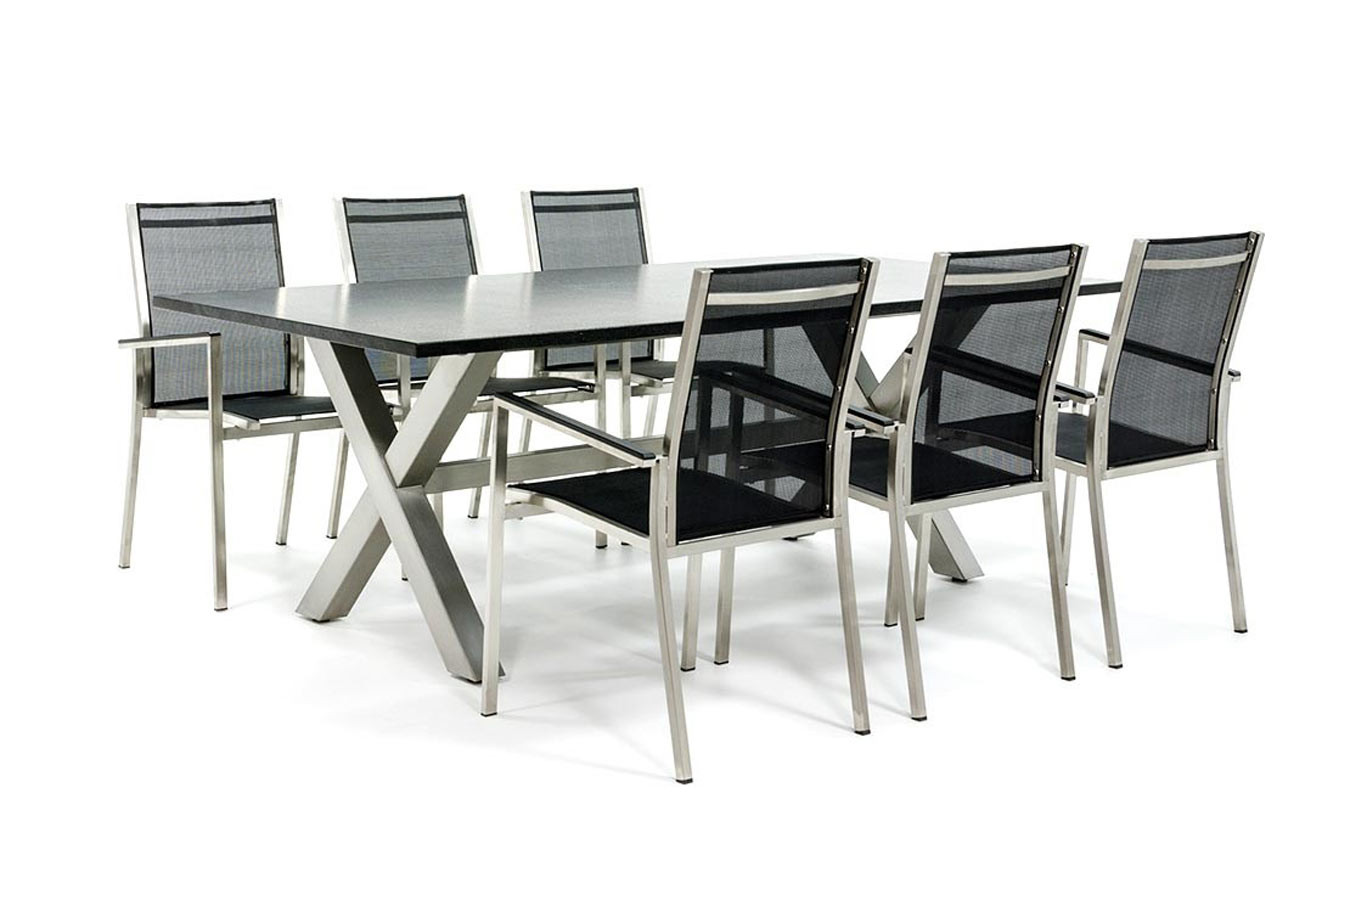 Gartentisch aus Edelstahl mit textilen Gartenstühlen aus Edelstahl